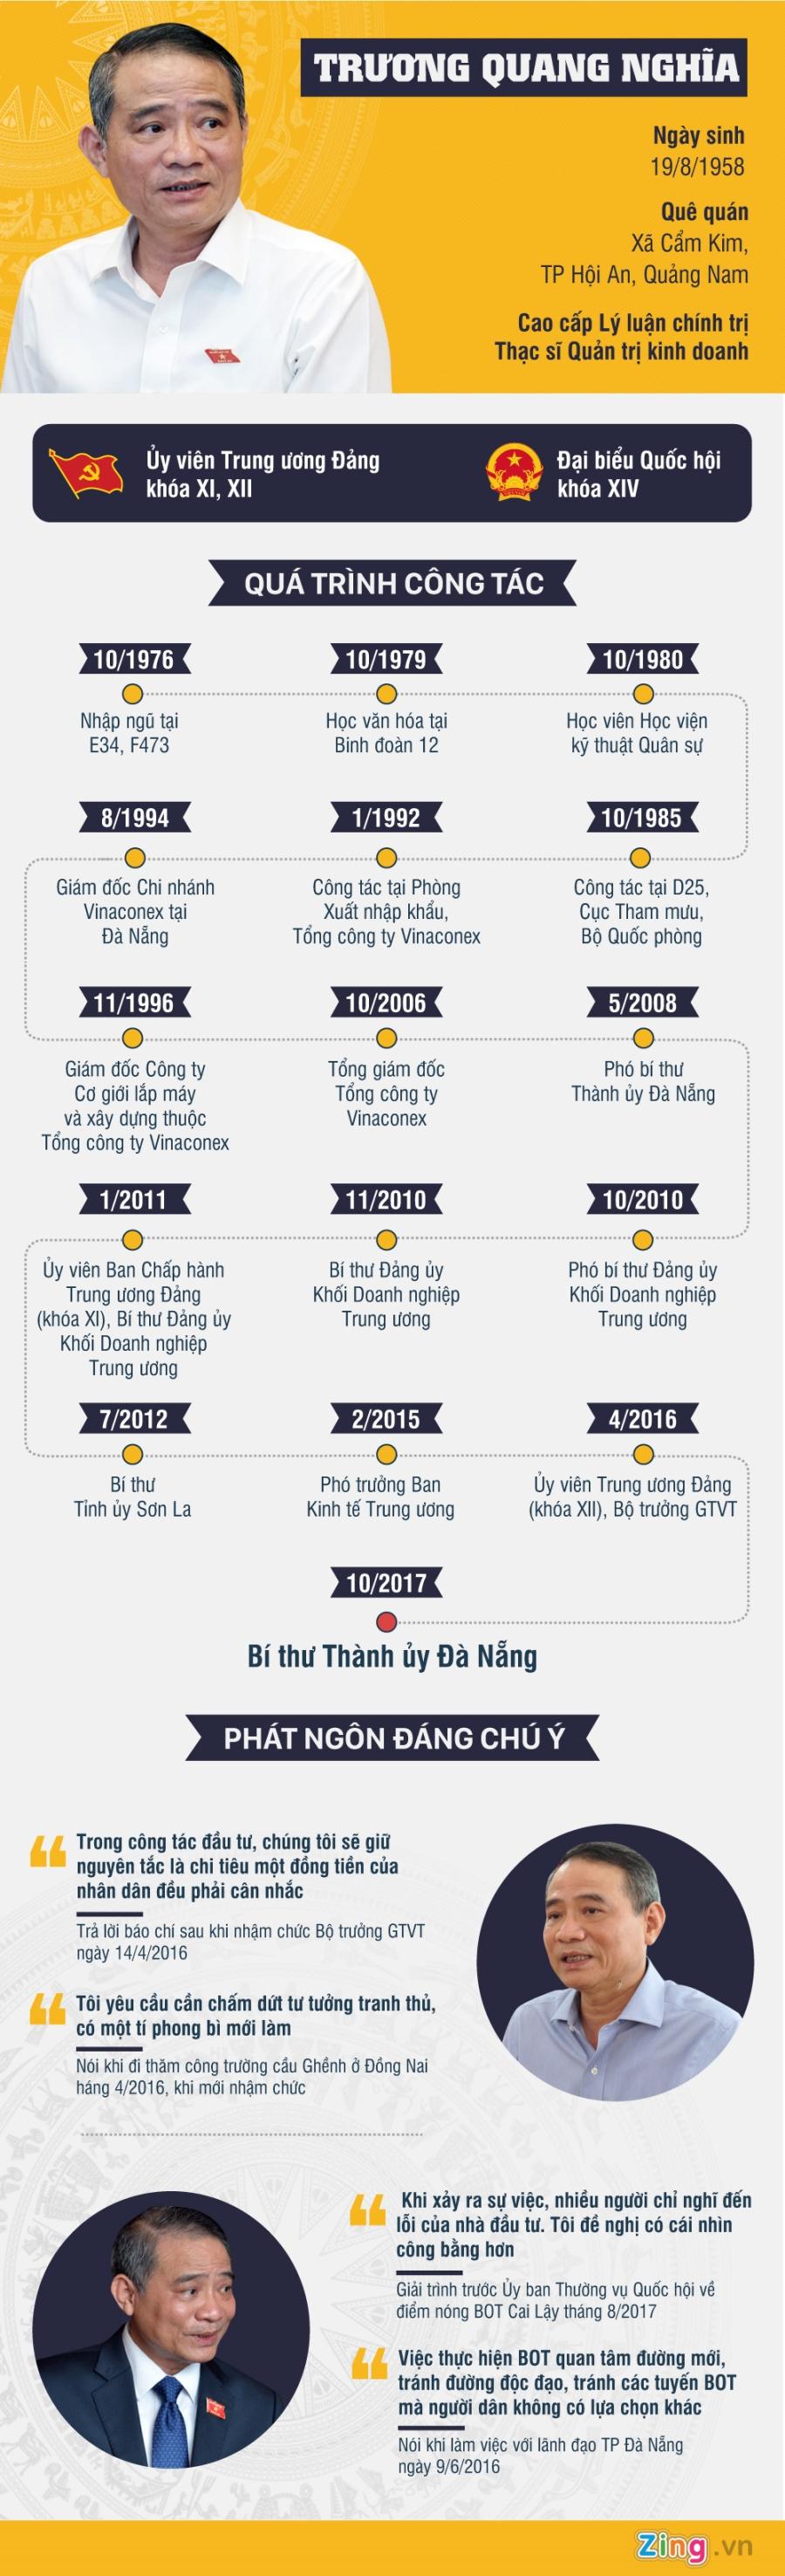 Chan dung tan Bi thu Da Nang Truong Quang Nghia hinh anh 1